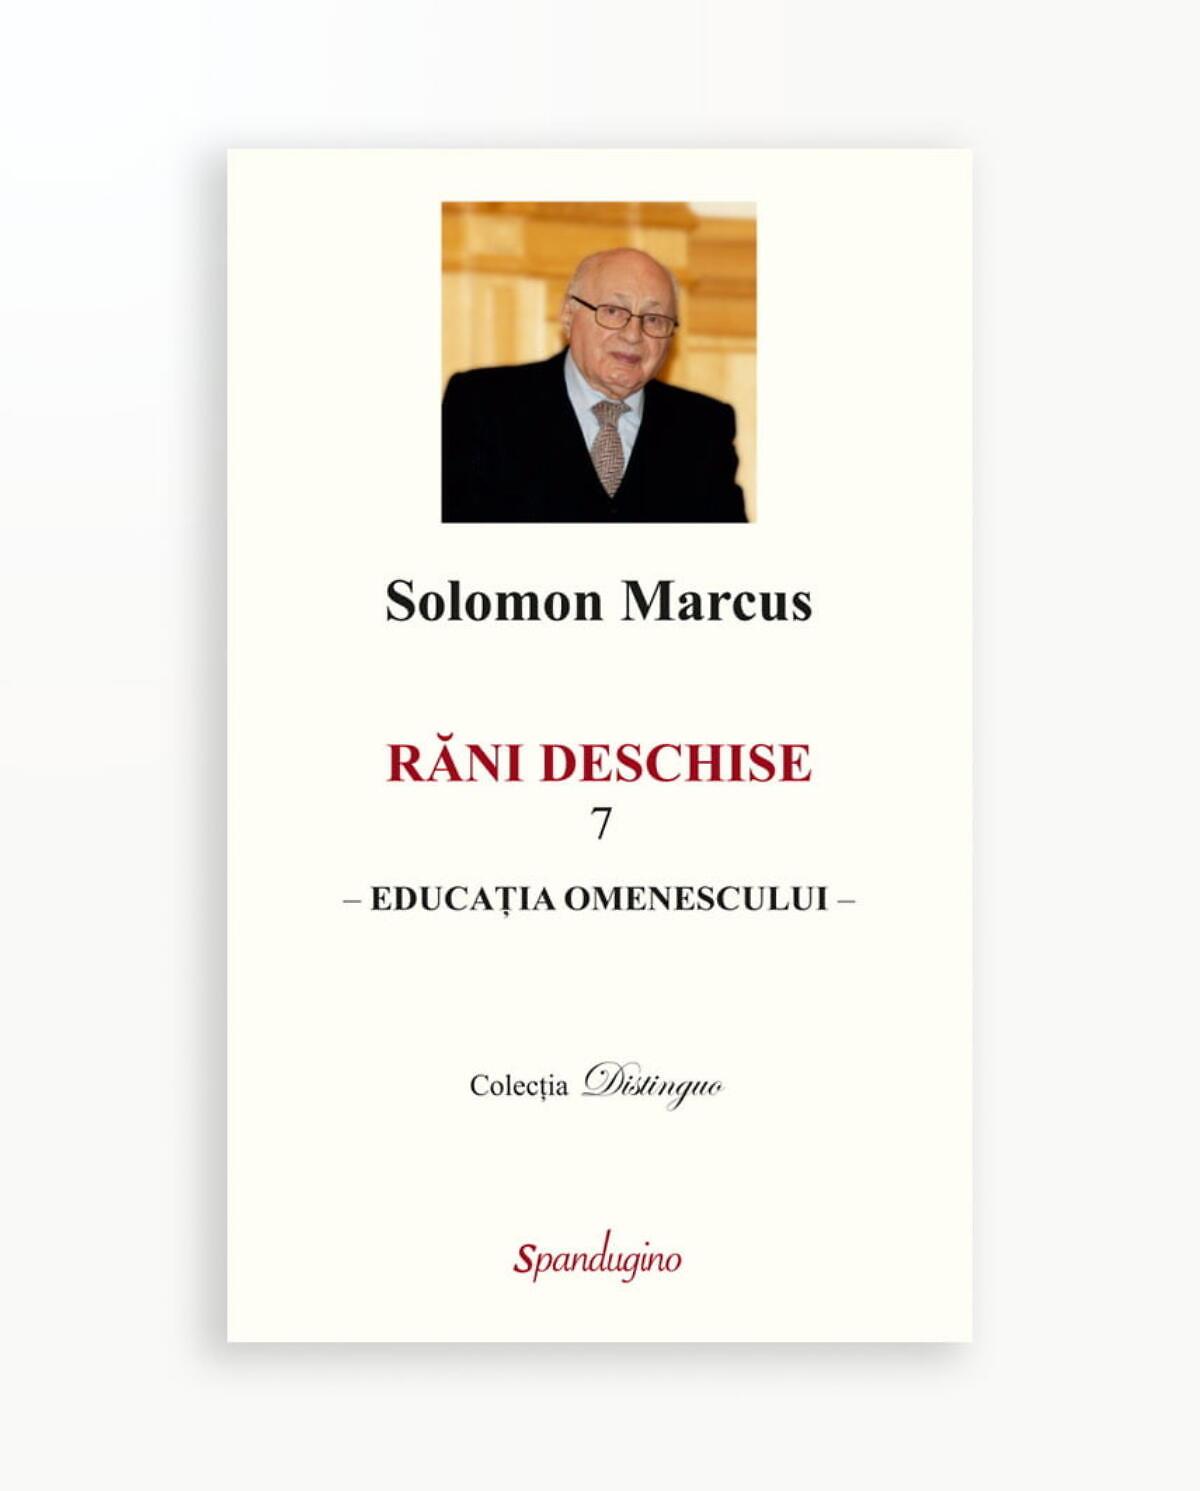 EDUCATIA OMENESCULUI - Rani Deschise vol. 7